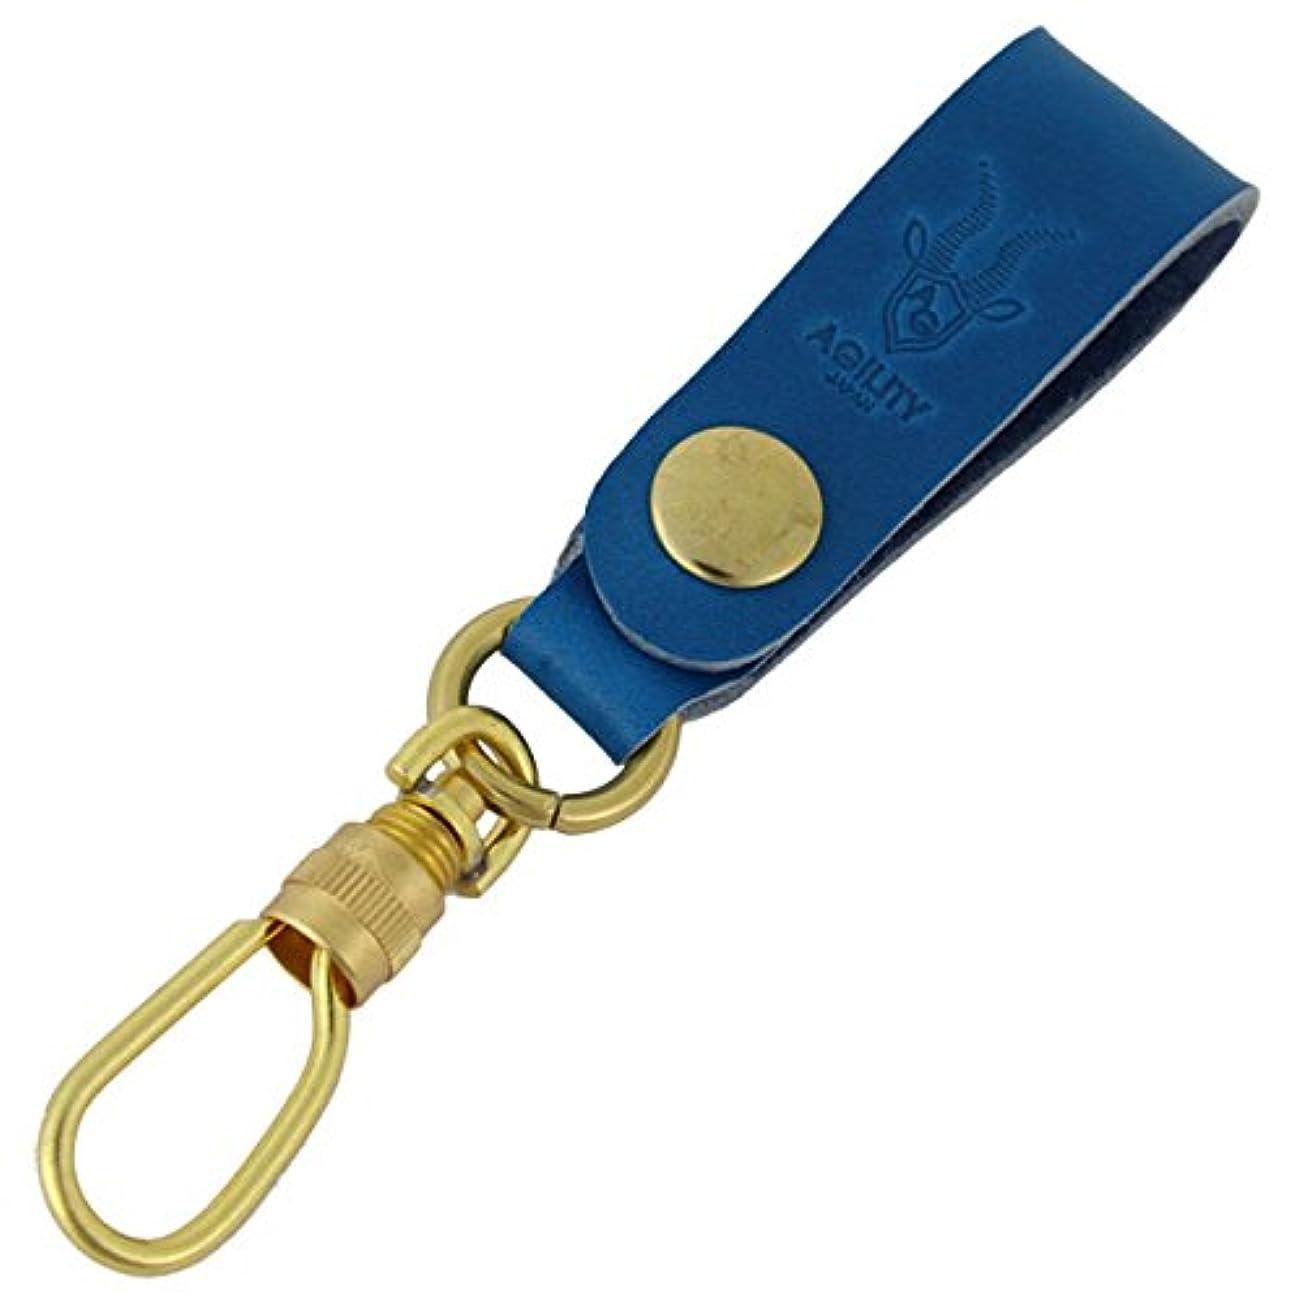 ユーモラス選挙真鍮アジリティ アファ AGILITY affa 『ランプキーホルダー』 キーホルダー 牛革 真鍮製